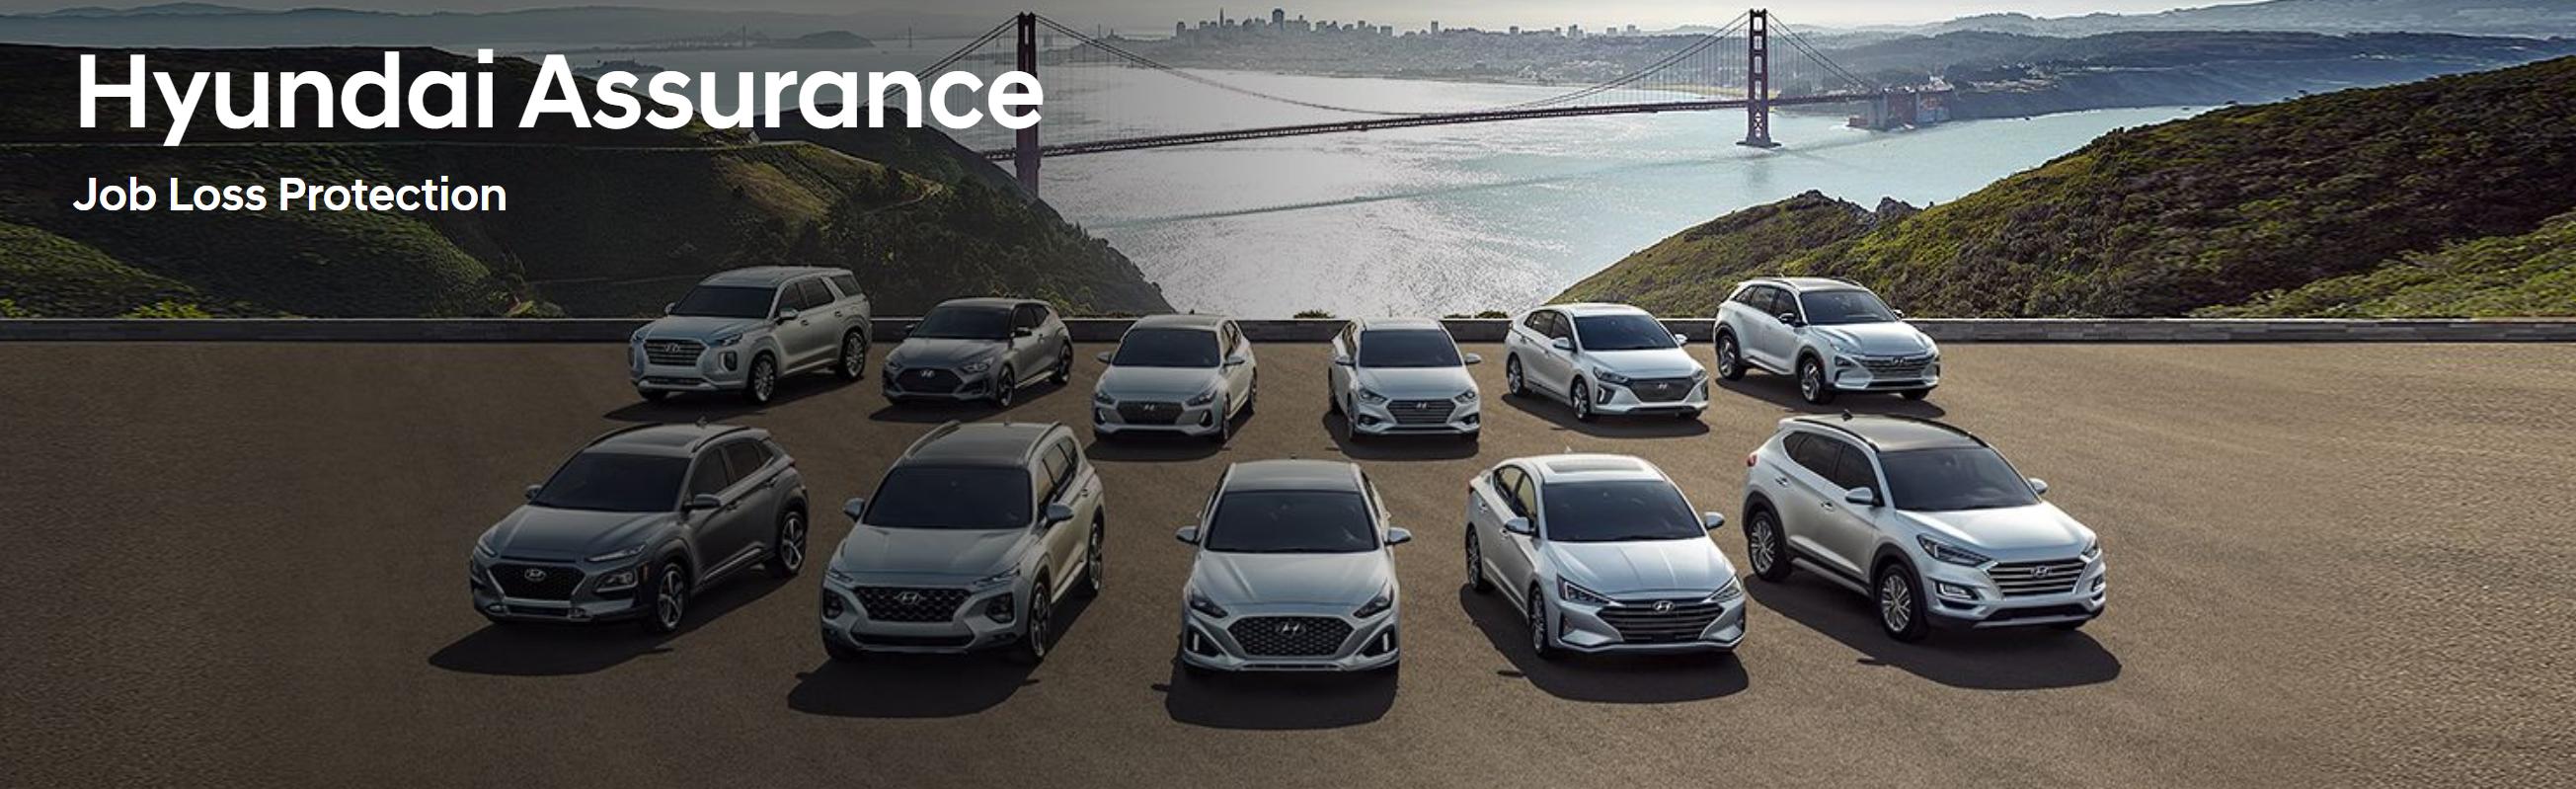 Hyundai Assurance Job Loss Protection